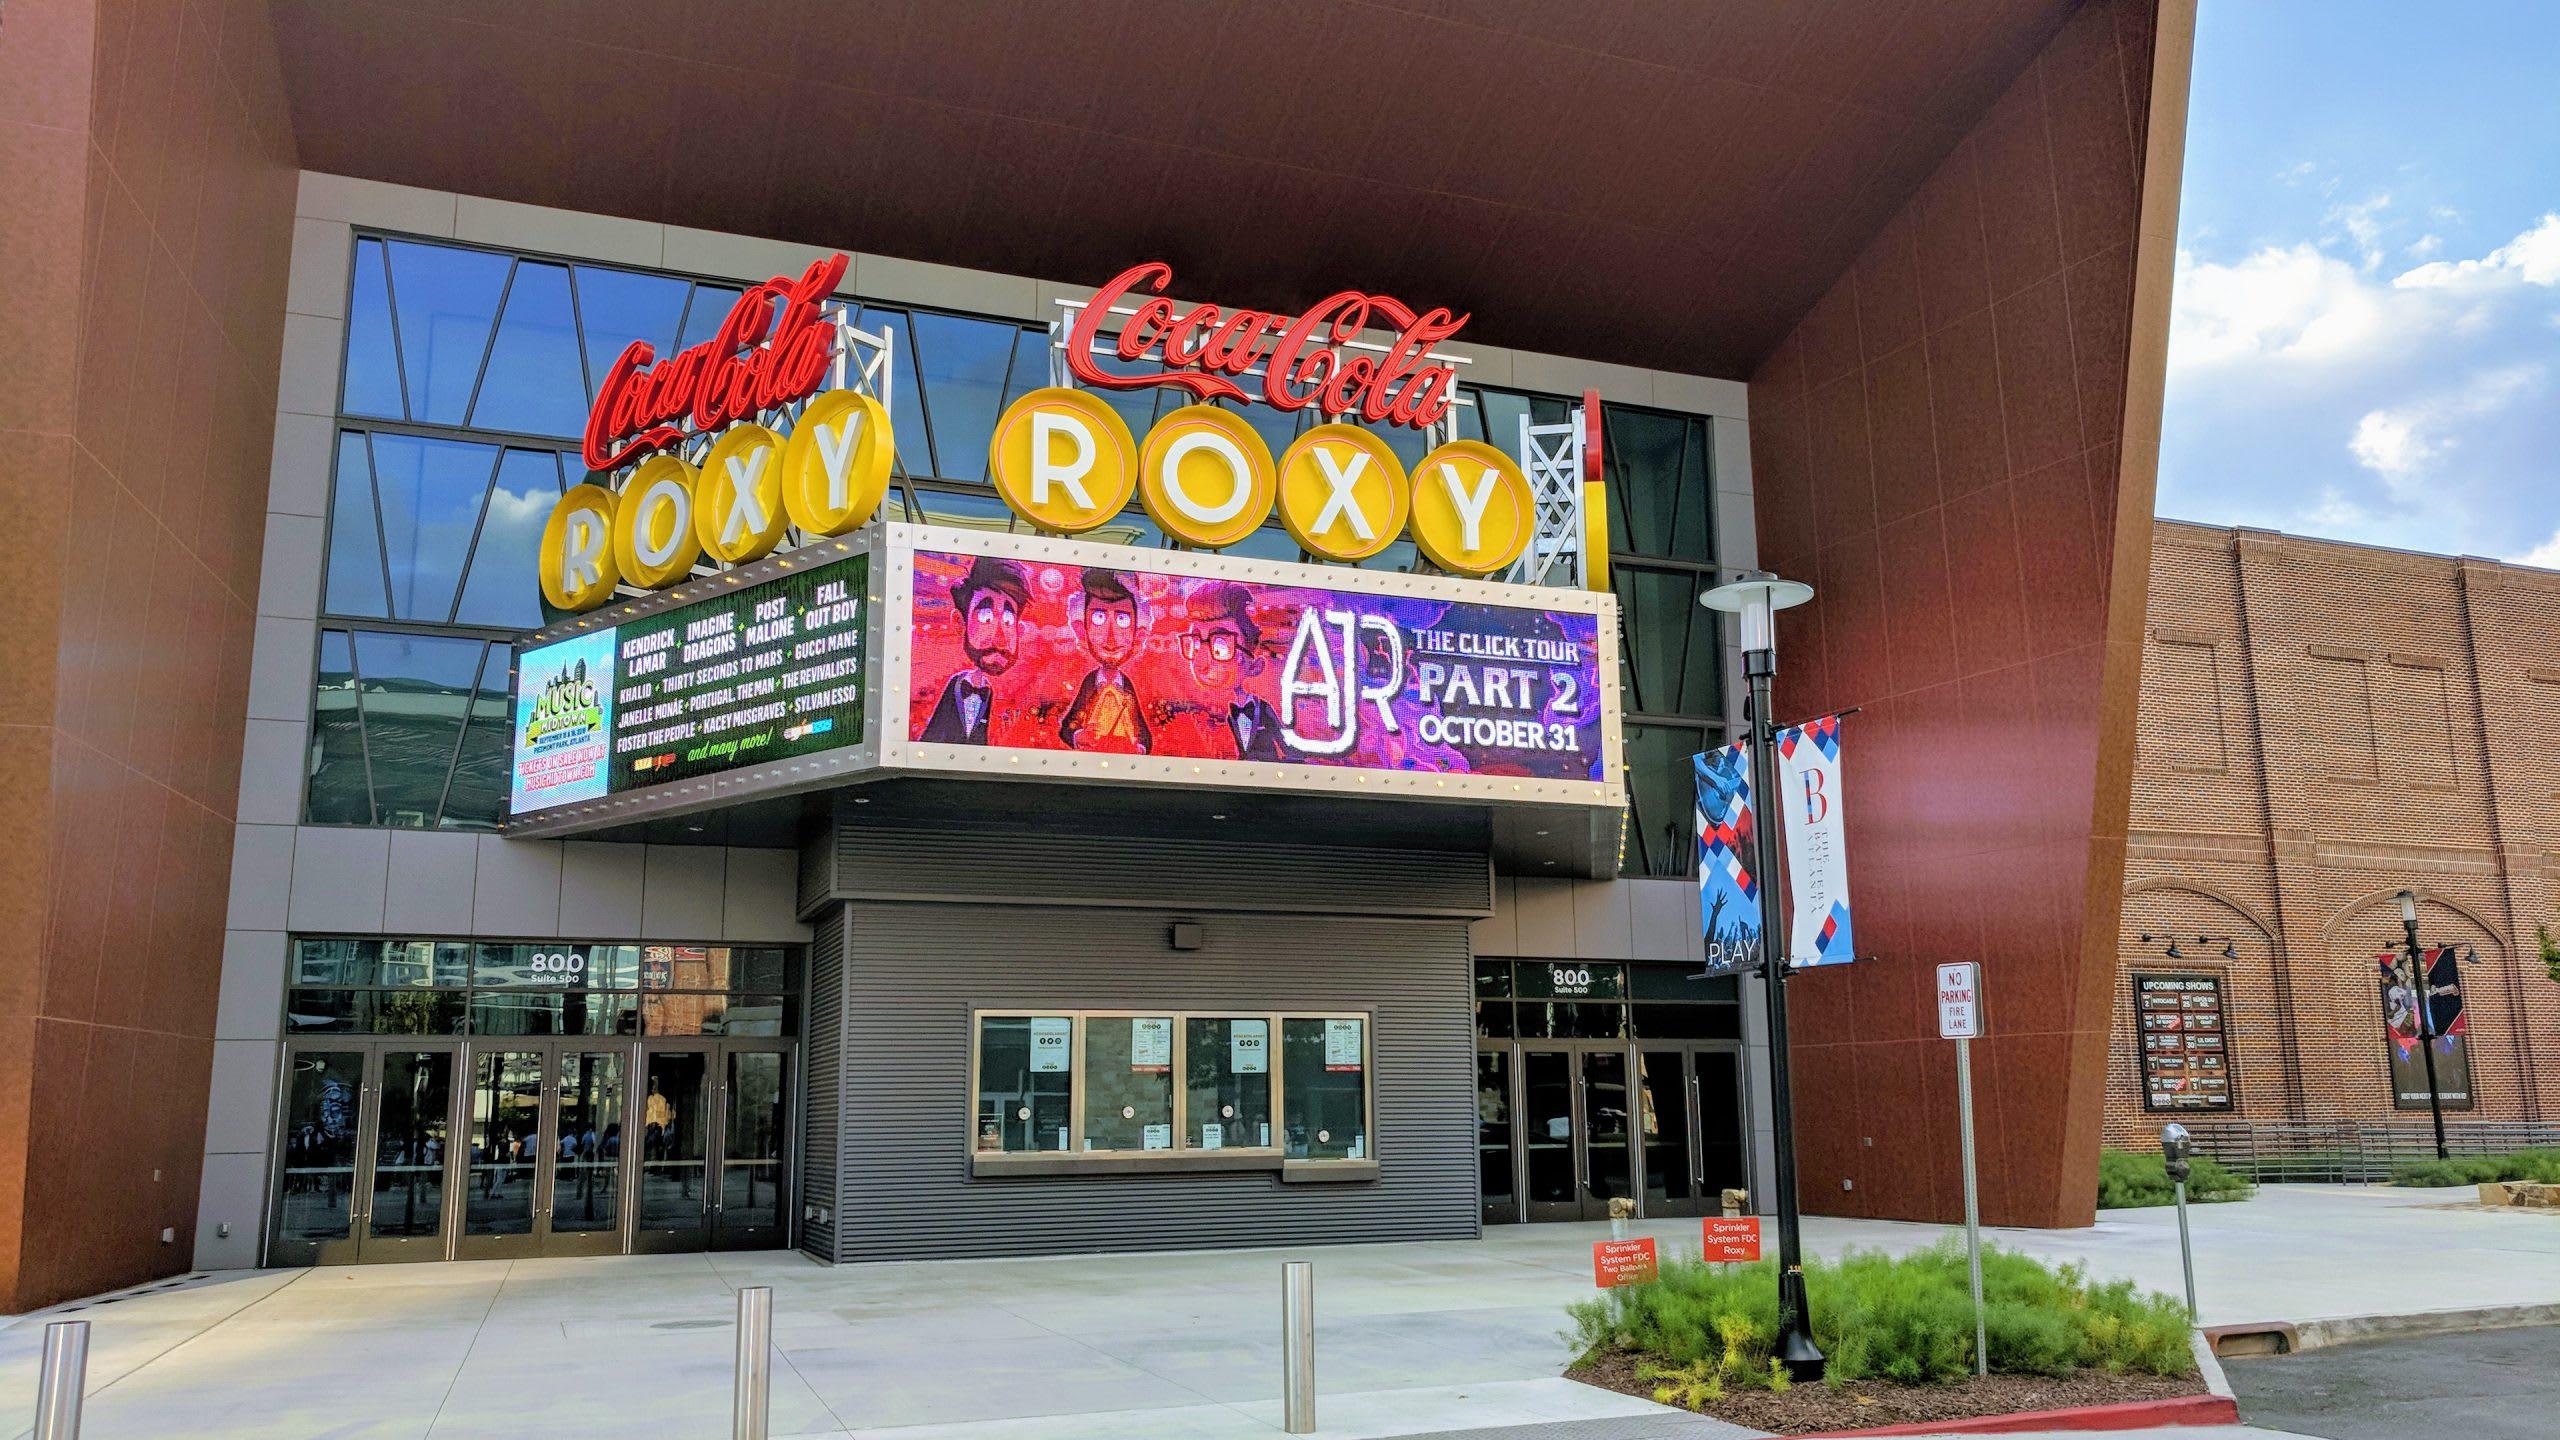 Coca-Cola Roxy Theatre at The Battery Atlanta